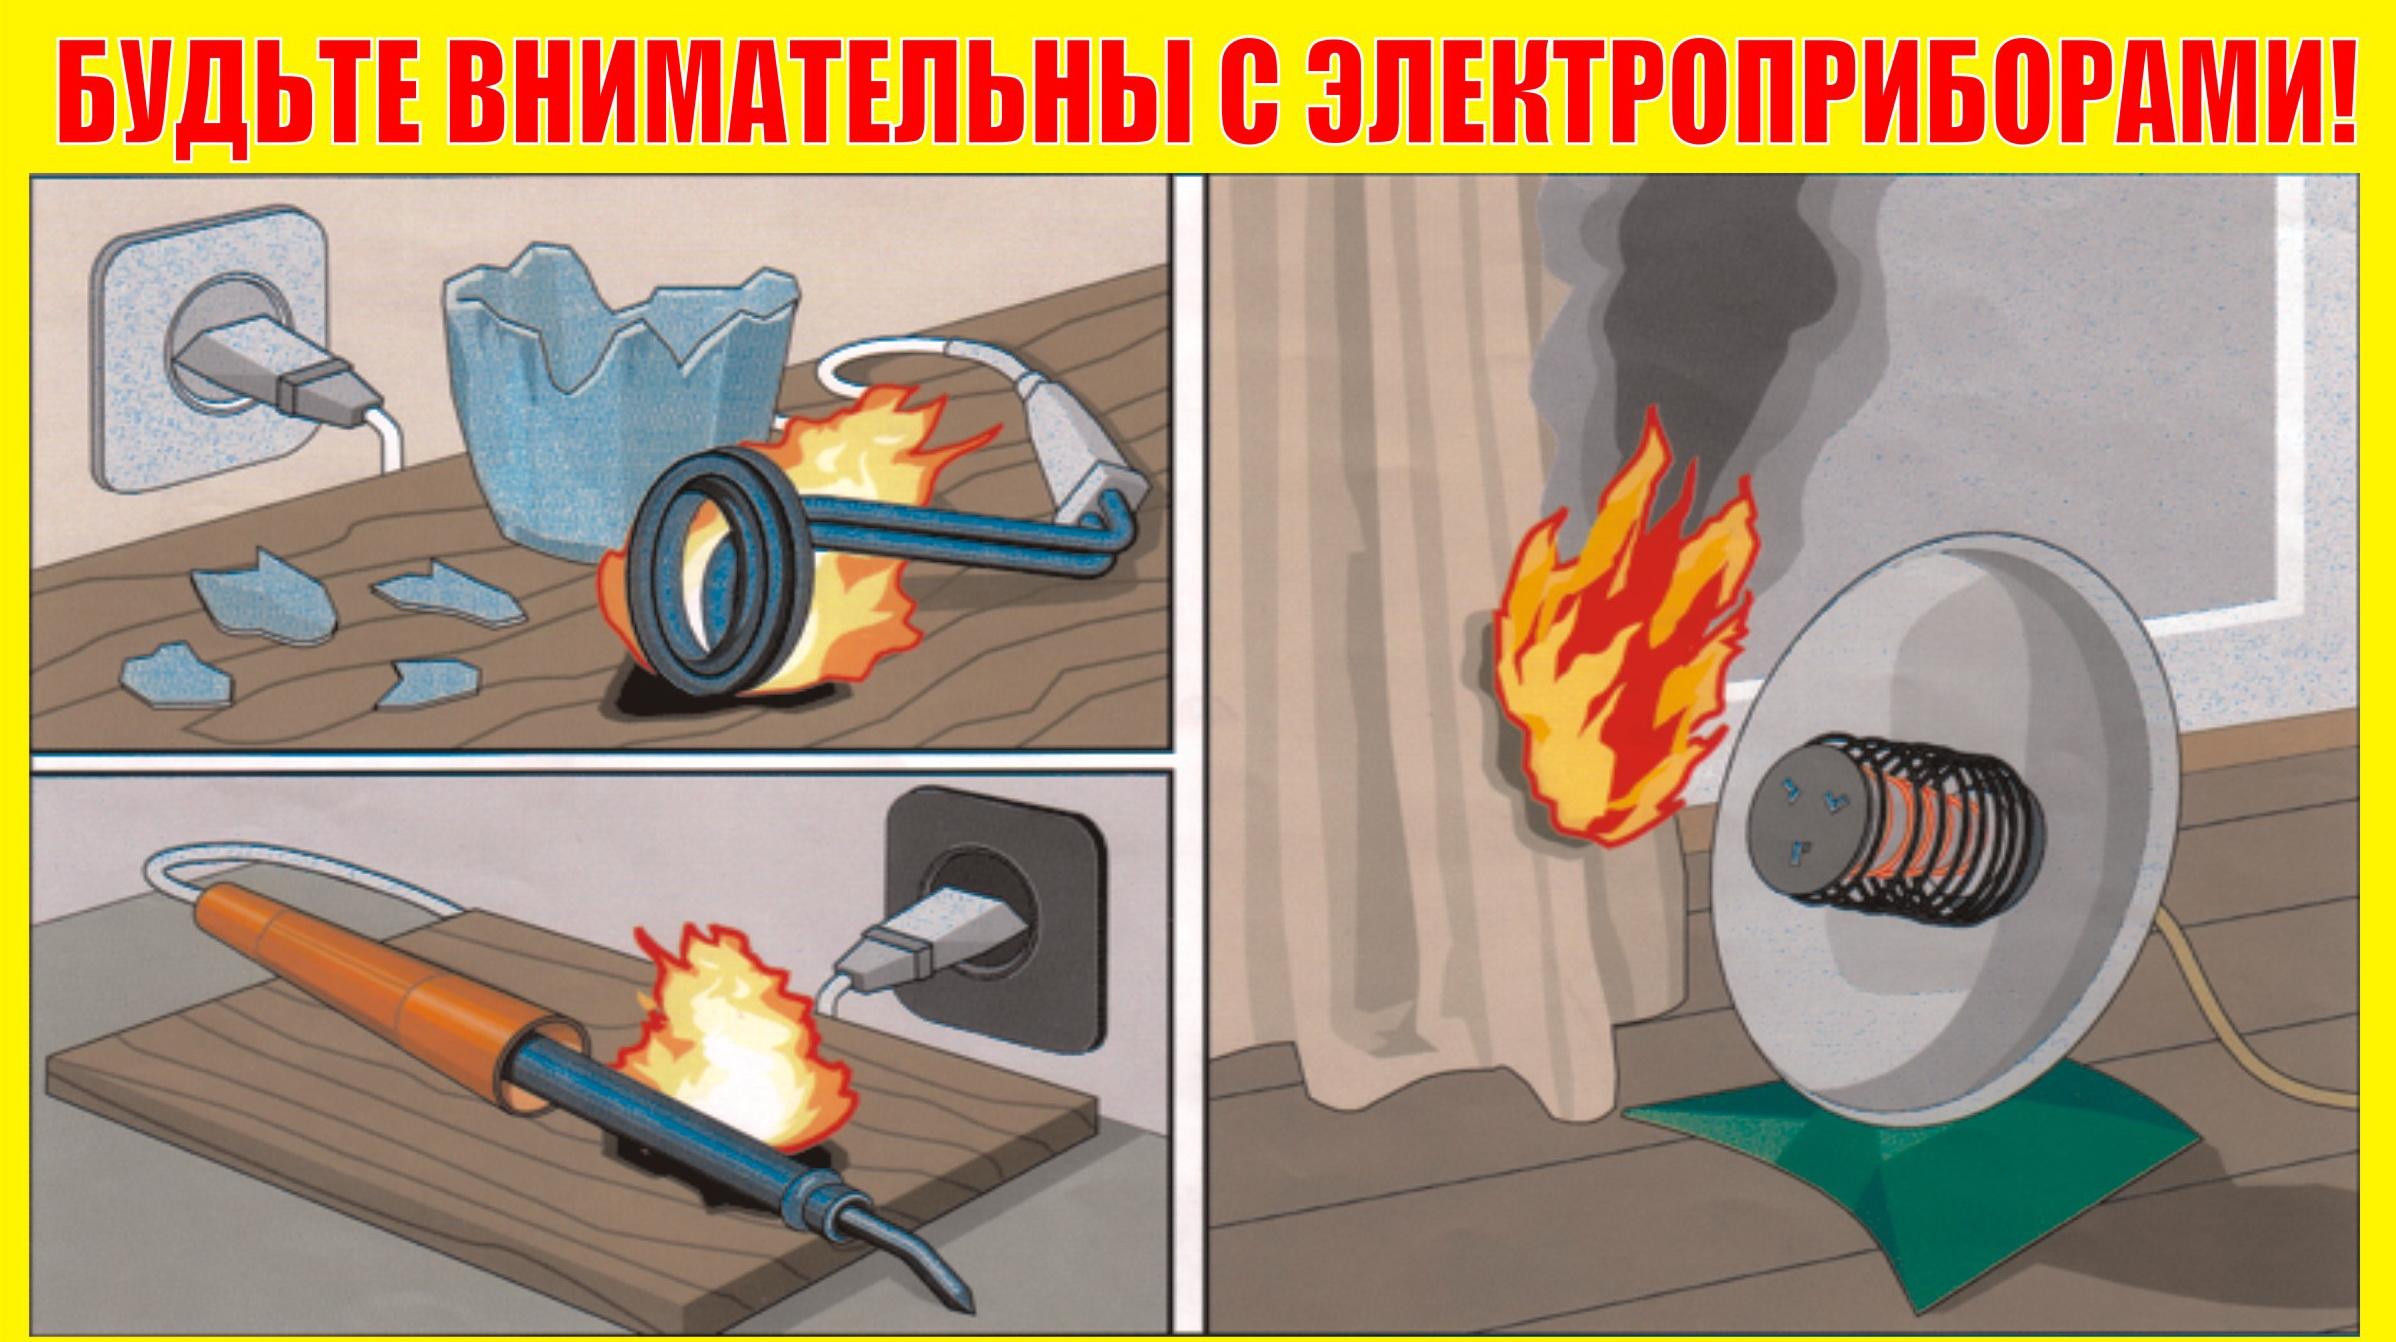 http://www.novoedevyatkino.ru/images/stories/RAZNOE/pamyatka_po_yelektropriboram.jpg